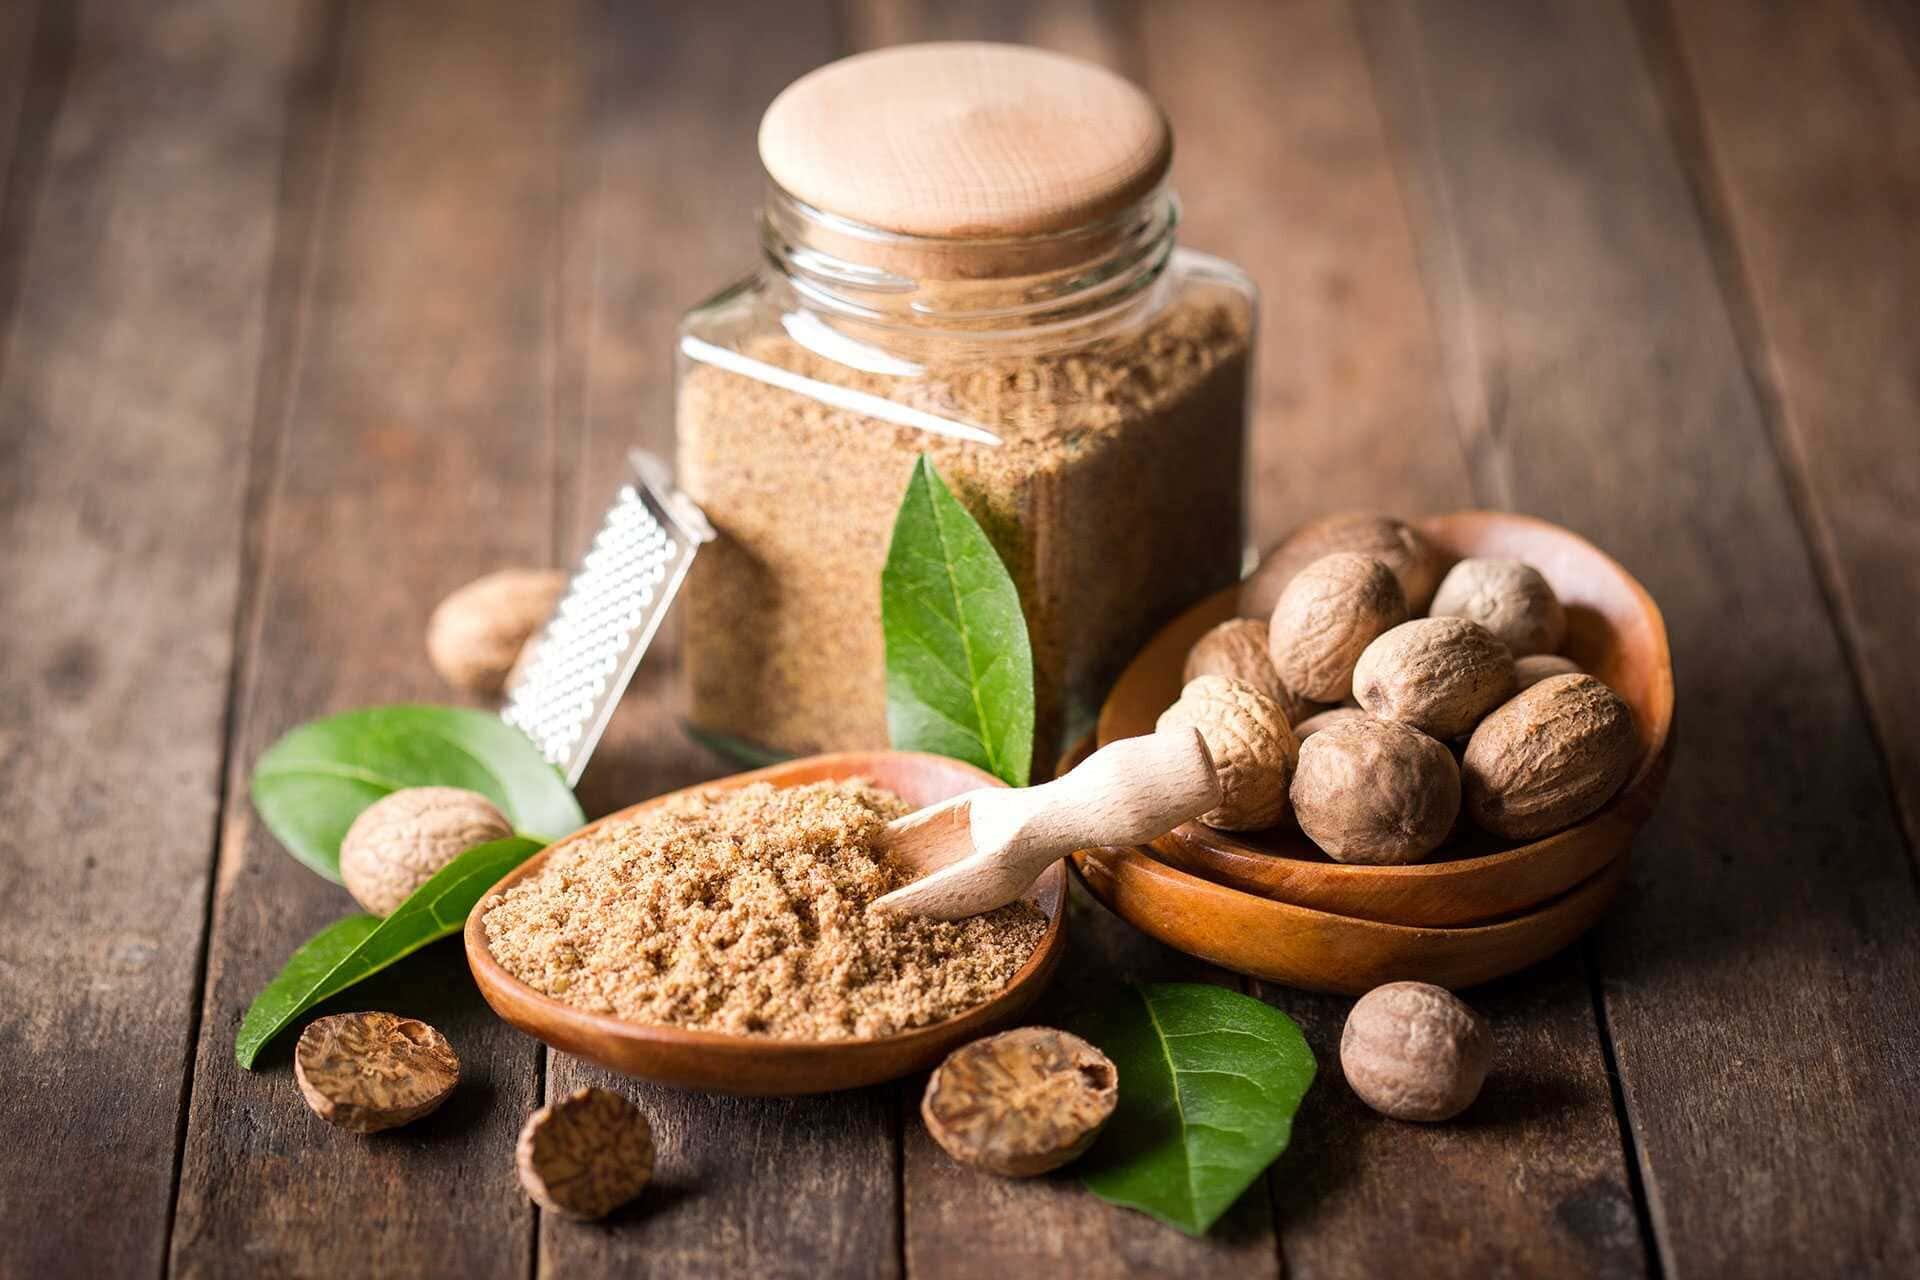 Лечебные свойства мускатного ореха и его применение в медицине